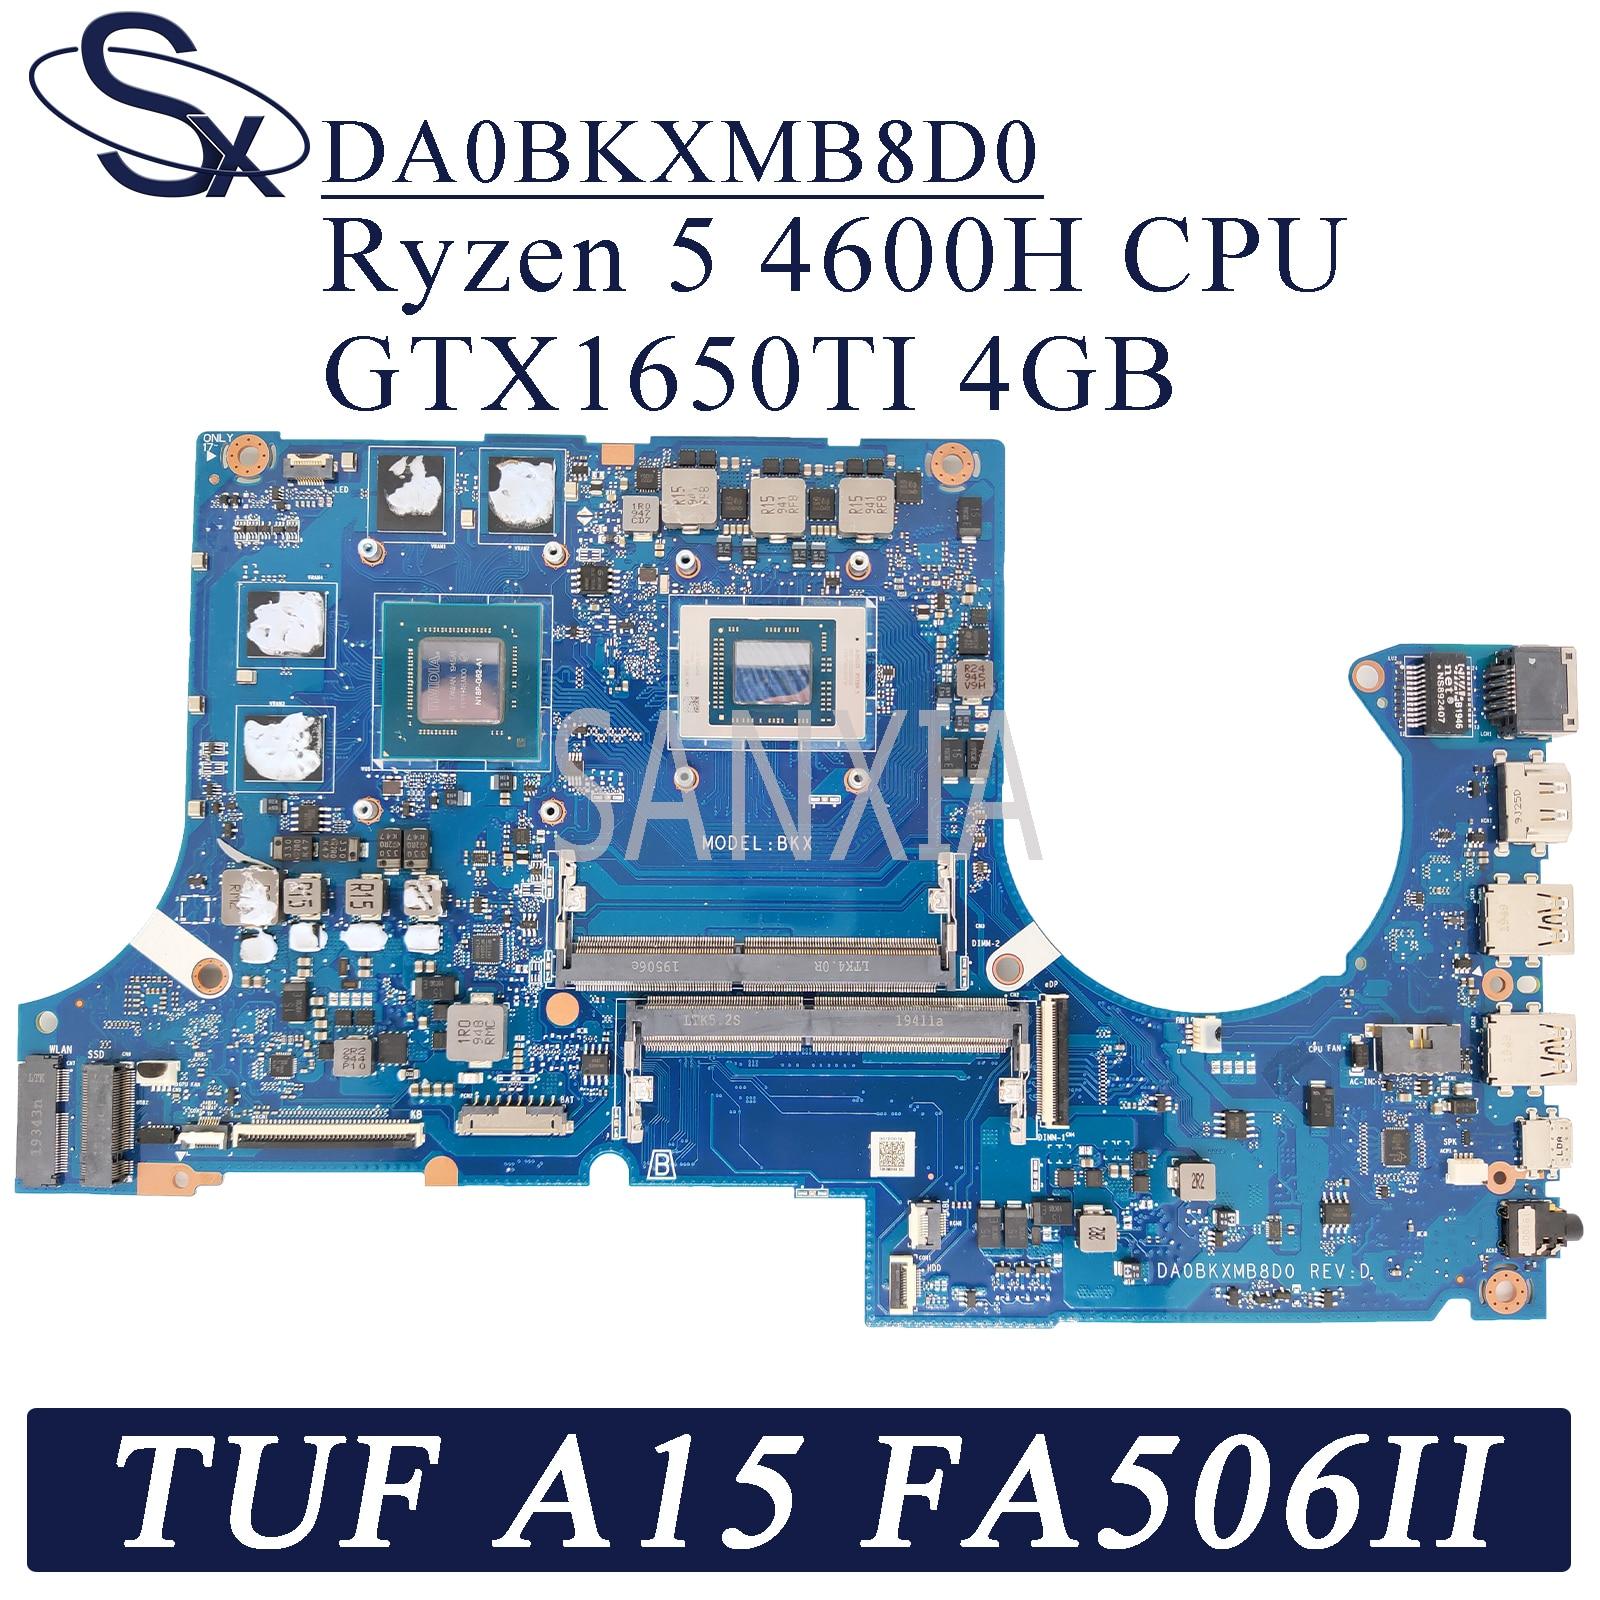 Get KEFU DA0BKXMB8D0 Laptop motherboard for ASUS TUF Gaming A15 FA506II FA506I original mainboard R5 Ryzen 5 4600H CPU GTX1650TI-4GB